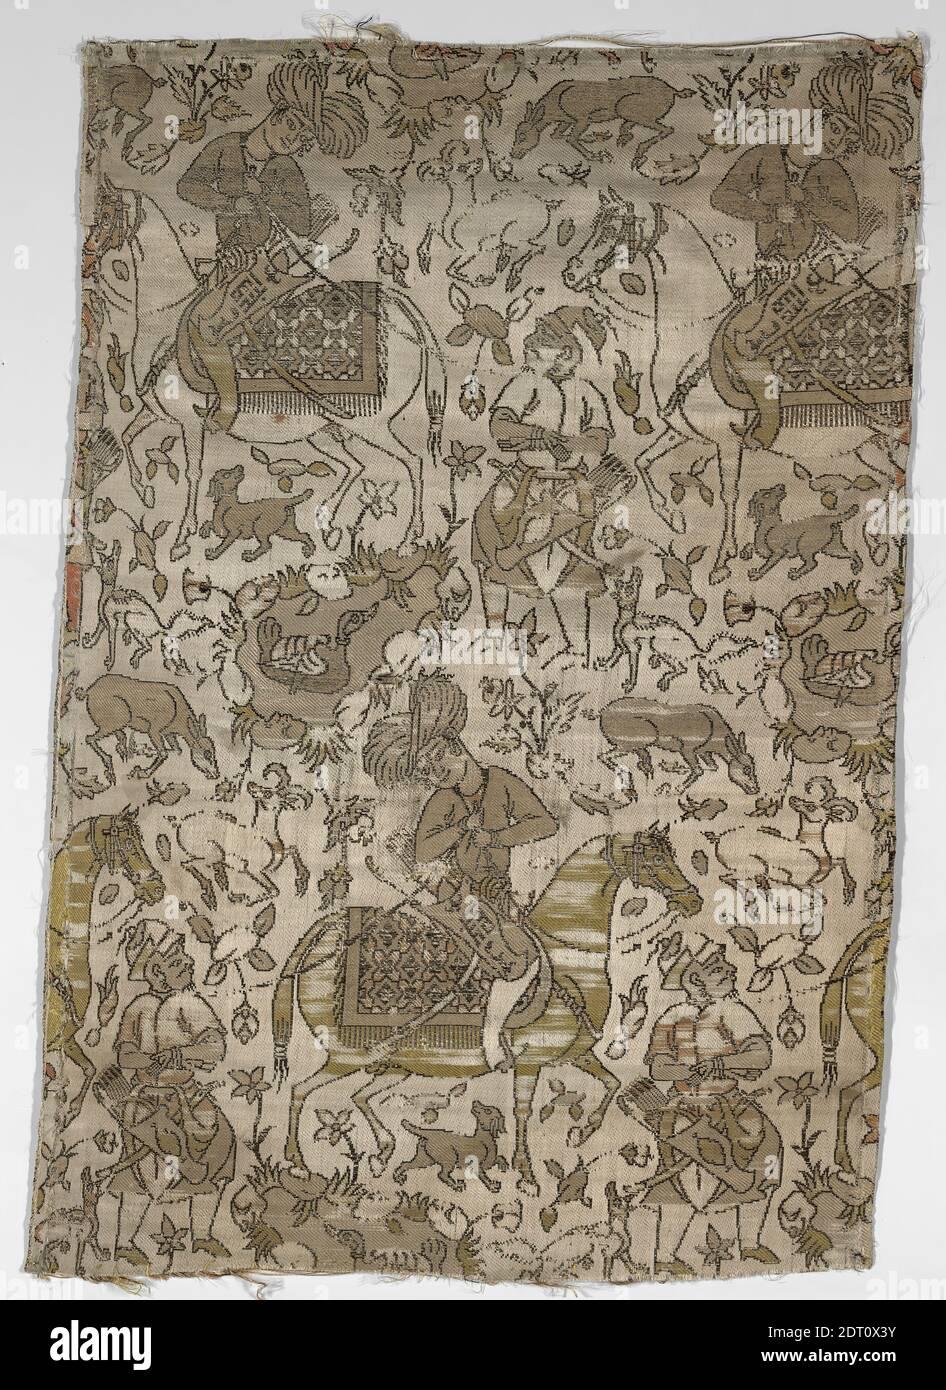 Artista: Abdallah, activo siglo 17, fragmento textil con un Courtier y Prisoner, principios del siglo 17, Seda; tejido compuesto, 13 11/16 × 20 1/16 pulg. (34.7 × 51 cm), este fragmento de seda representa a un cortesano vestido a caballo acompañado por un prisionero a pie, un motivo que se hizo popular tanto en pinturas como en textiles en el Irán del siglo XVI. Varios animales y exuberante vegetación rodean a la pareja. La firma del artista está visiblemente colocada en el alquivo del jinete idealizado; dice, obra de 'Abd Allah., iraní/Persa, Islámica, dinastía Safavid (1501–1722), Textiles Foto de stock